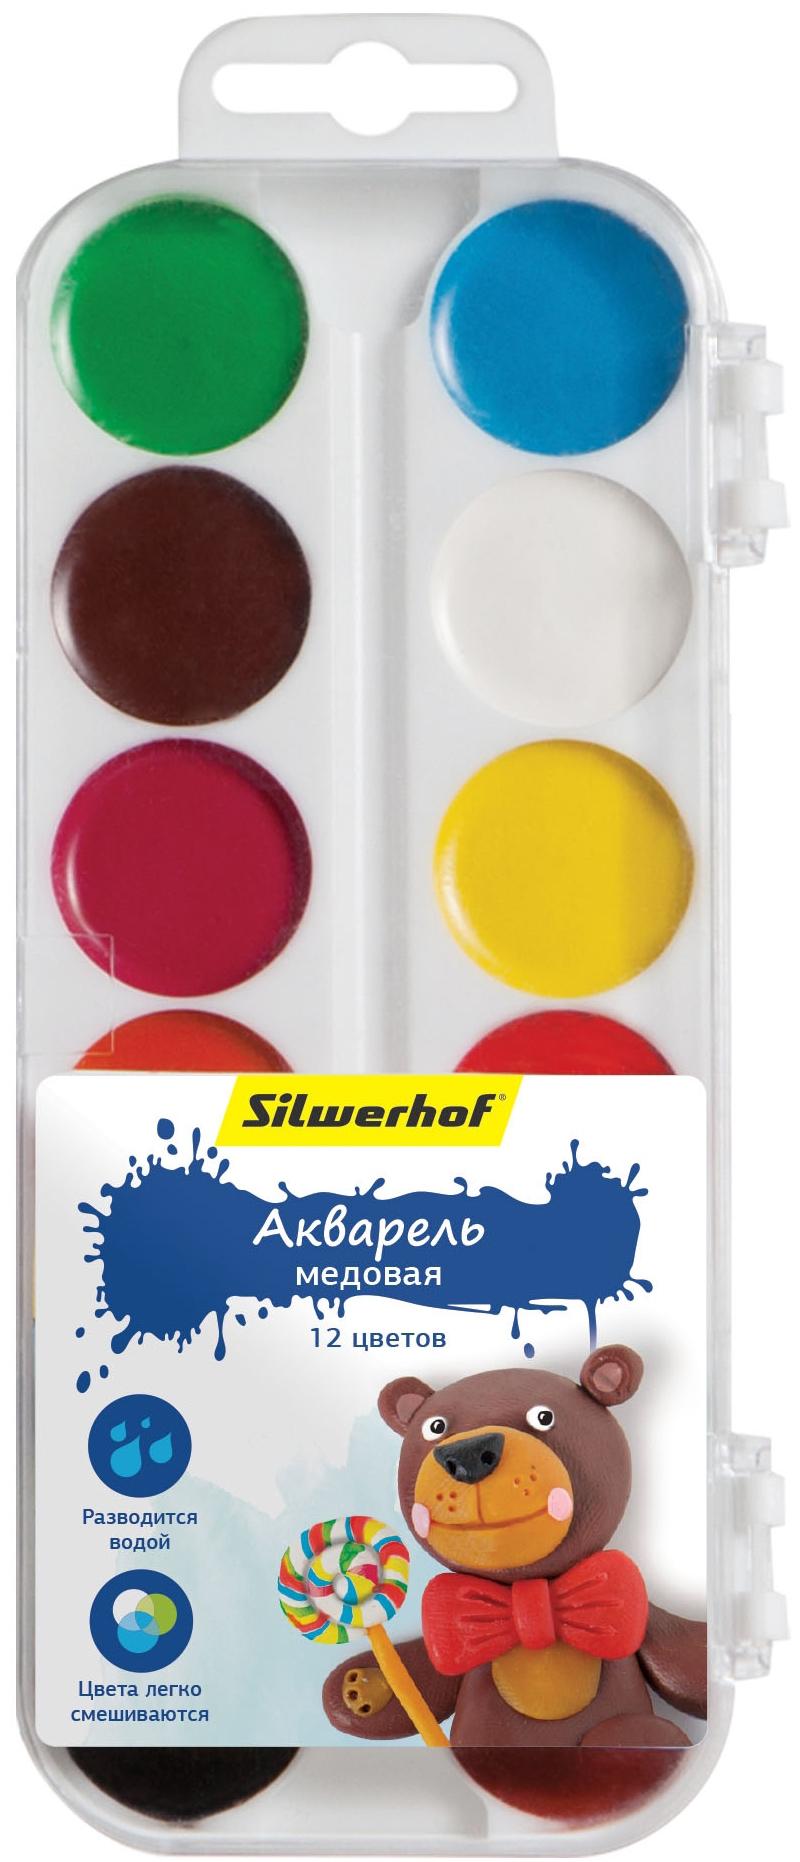 Краски Silwerhof Пластилиновая коллекция 12 цветов silwerhof линейка гнущаяся пластилиновая коллекция 30 см